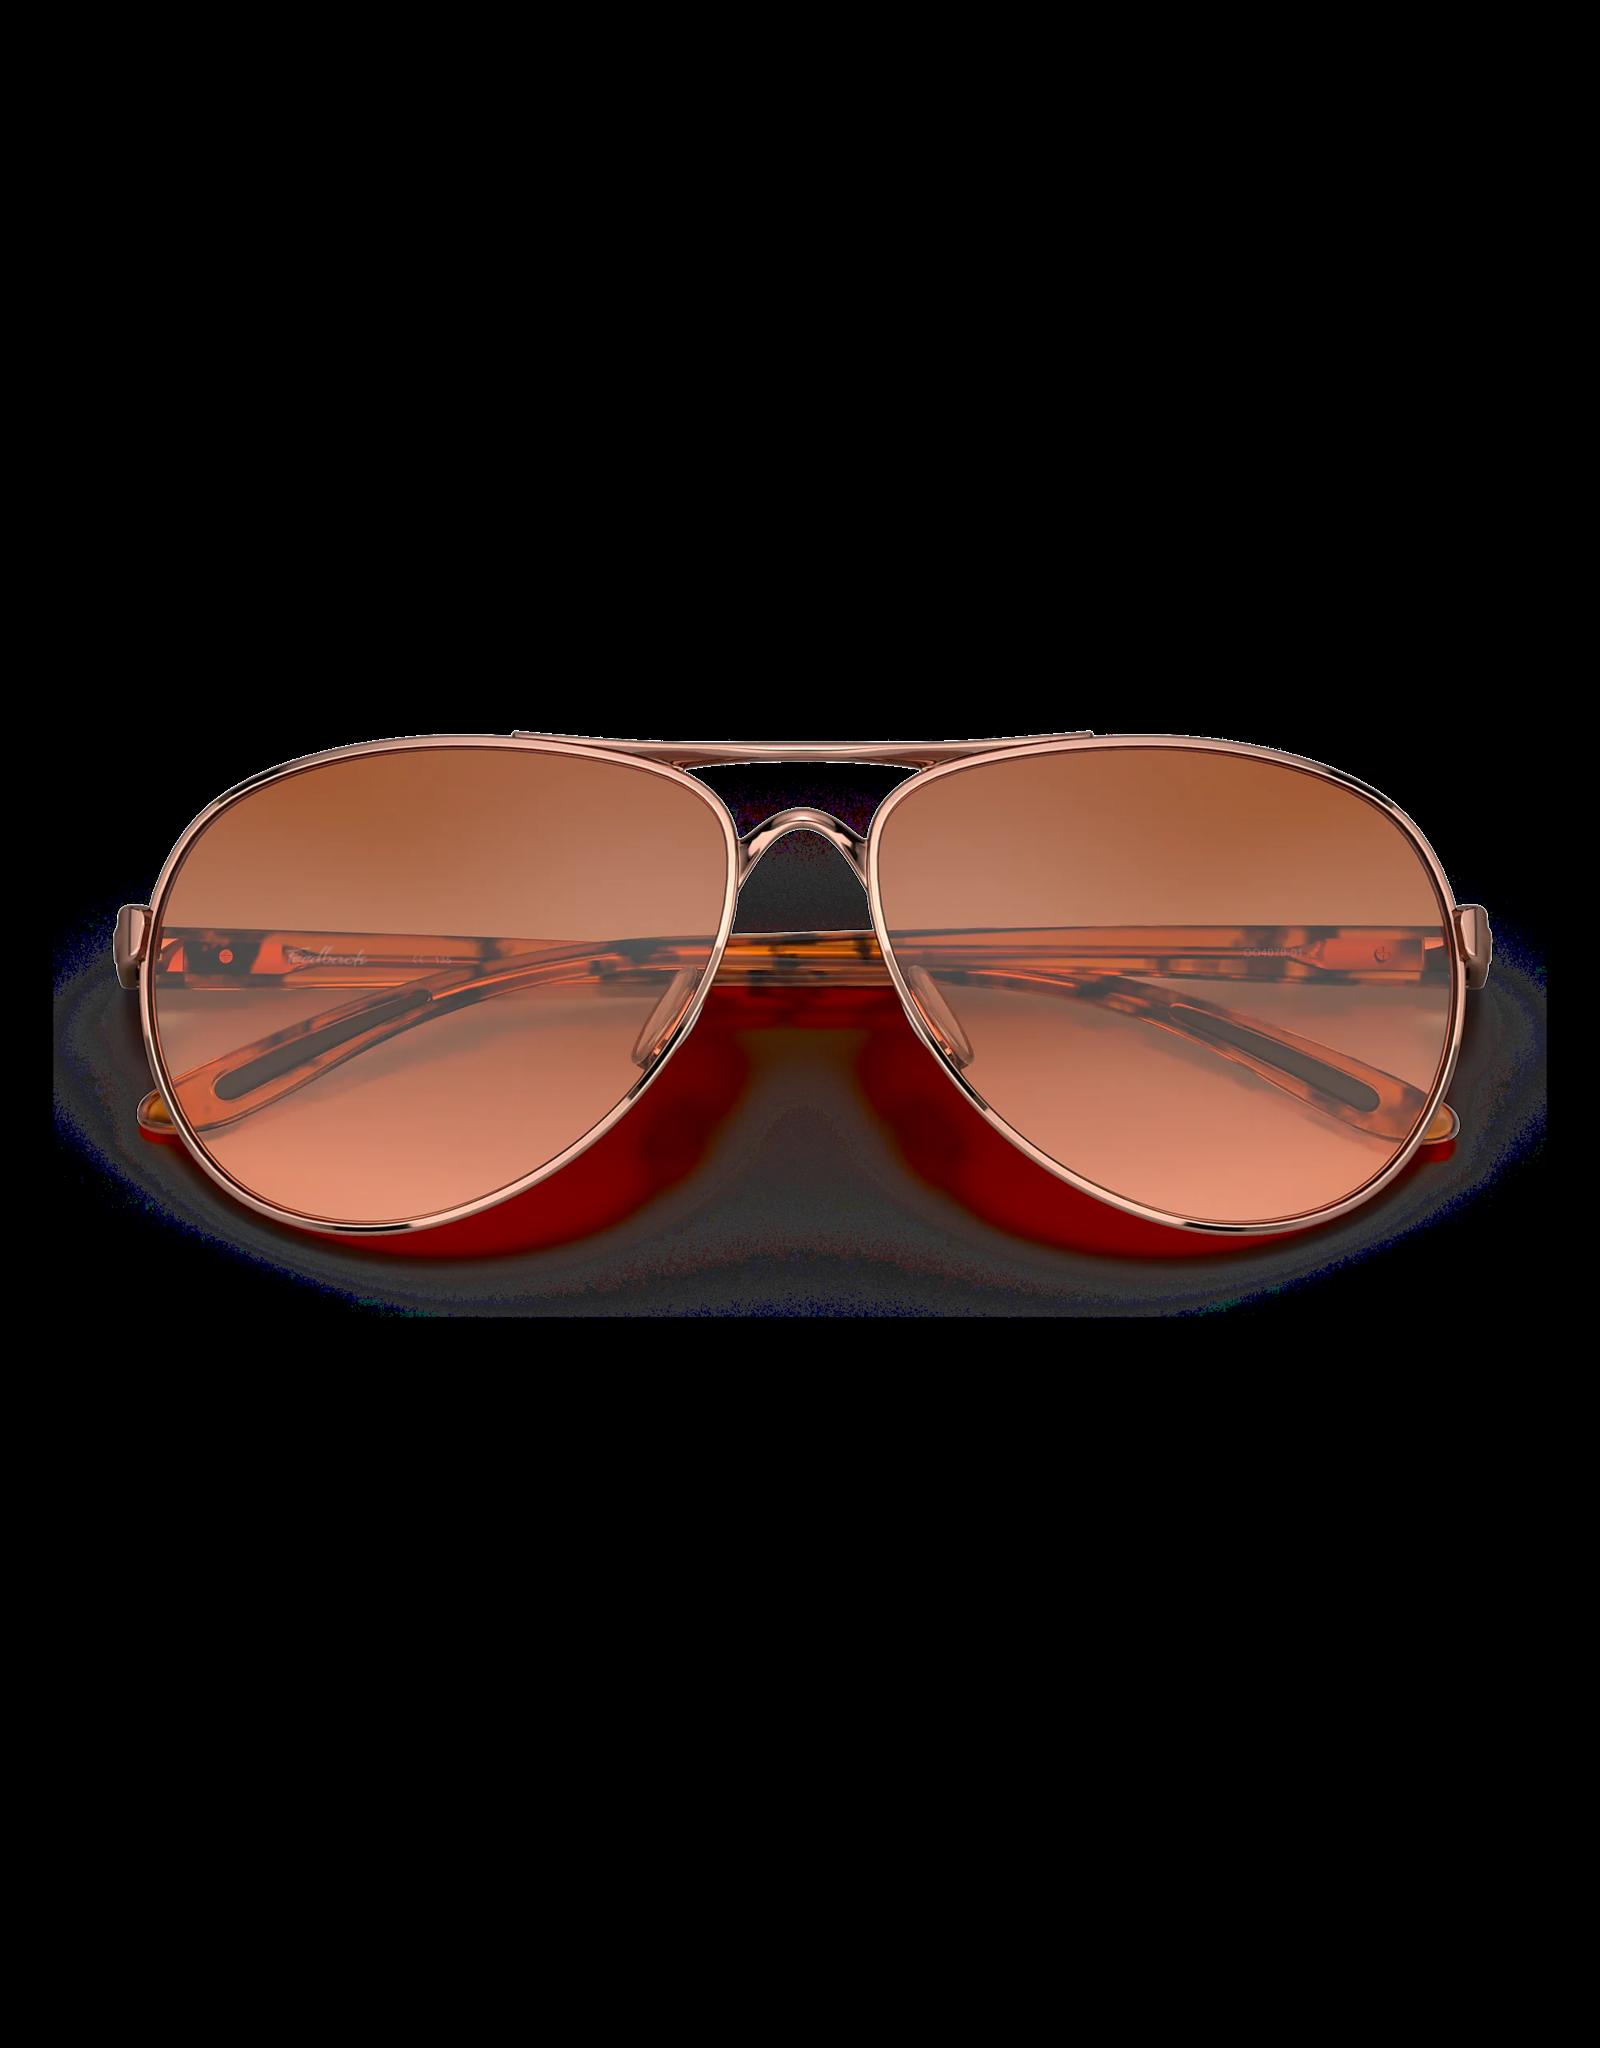 OAKLEY Oakley Feedback rose gold VR50 brown gradient sunglasses